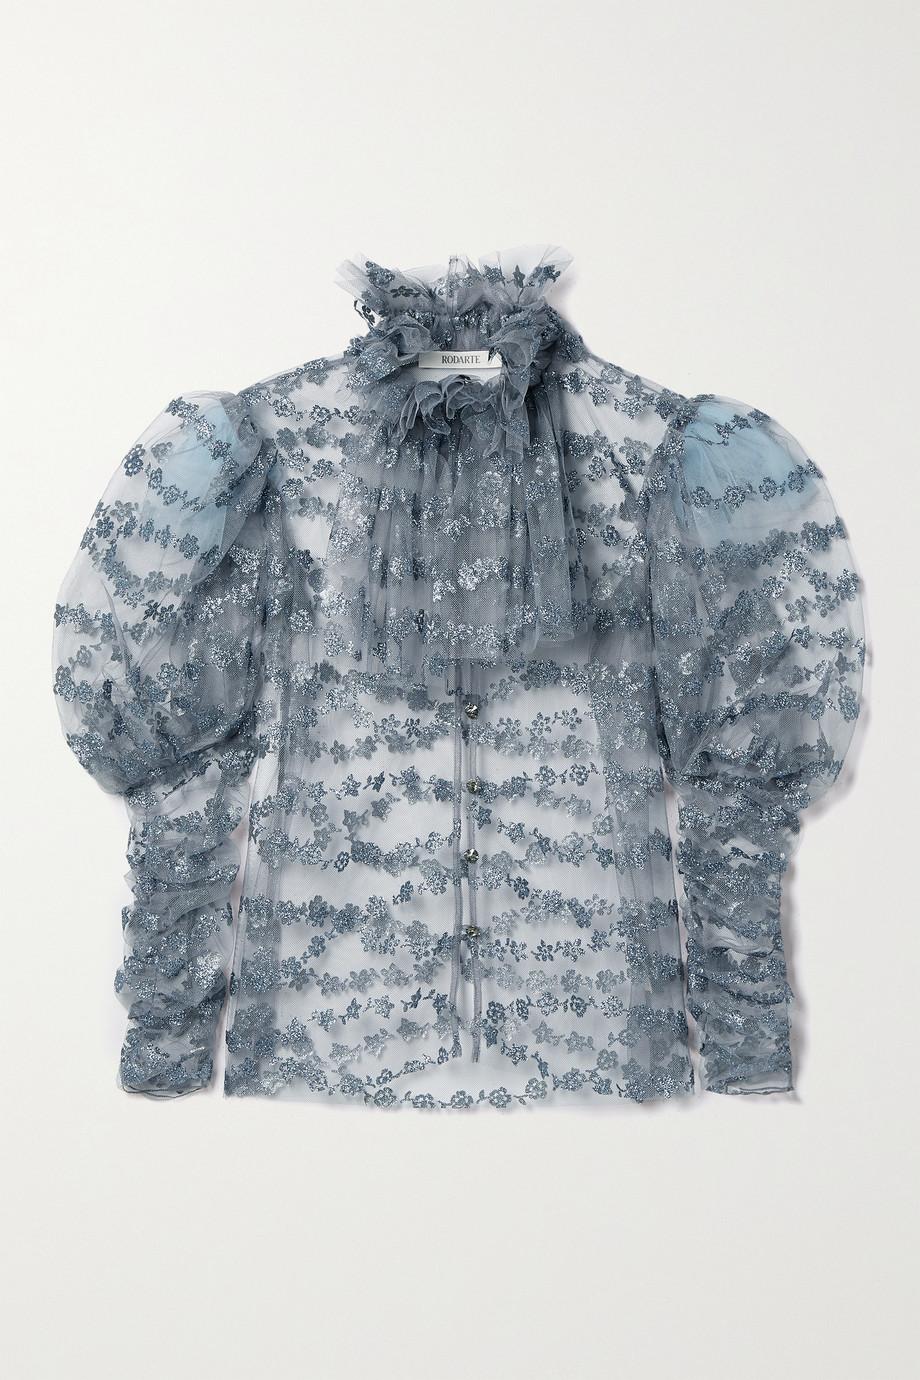 Rodarte Gathered glittered tulle blouse